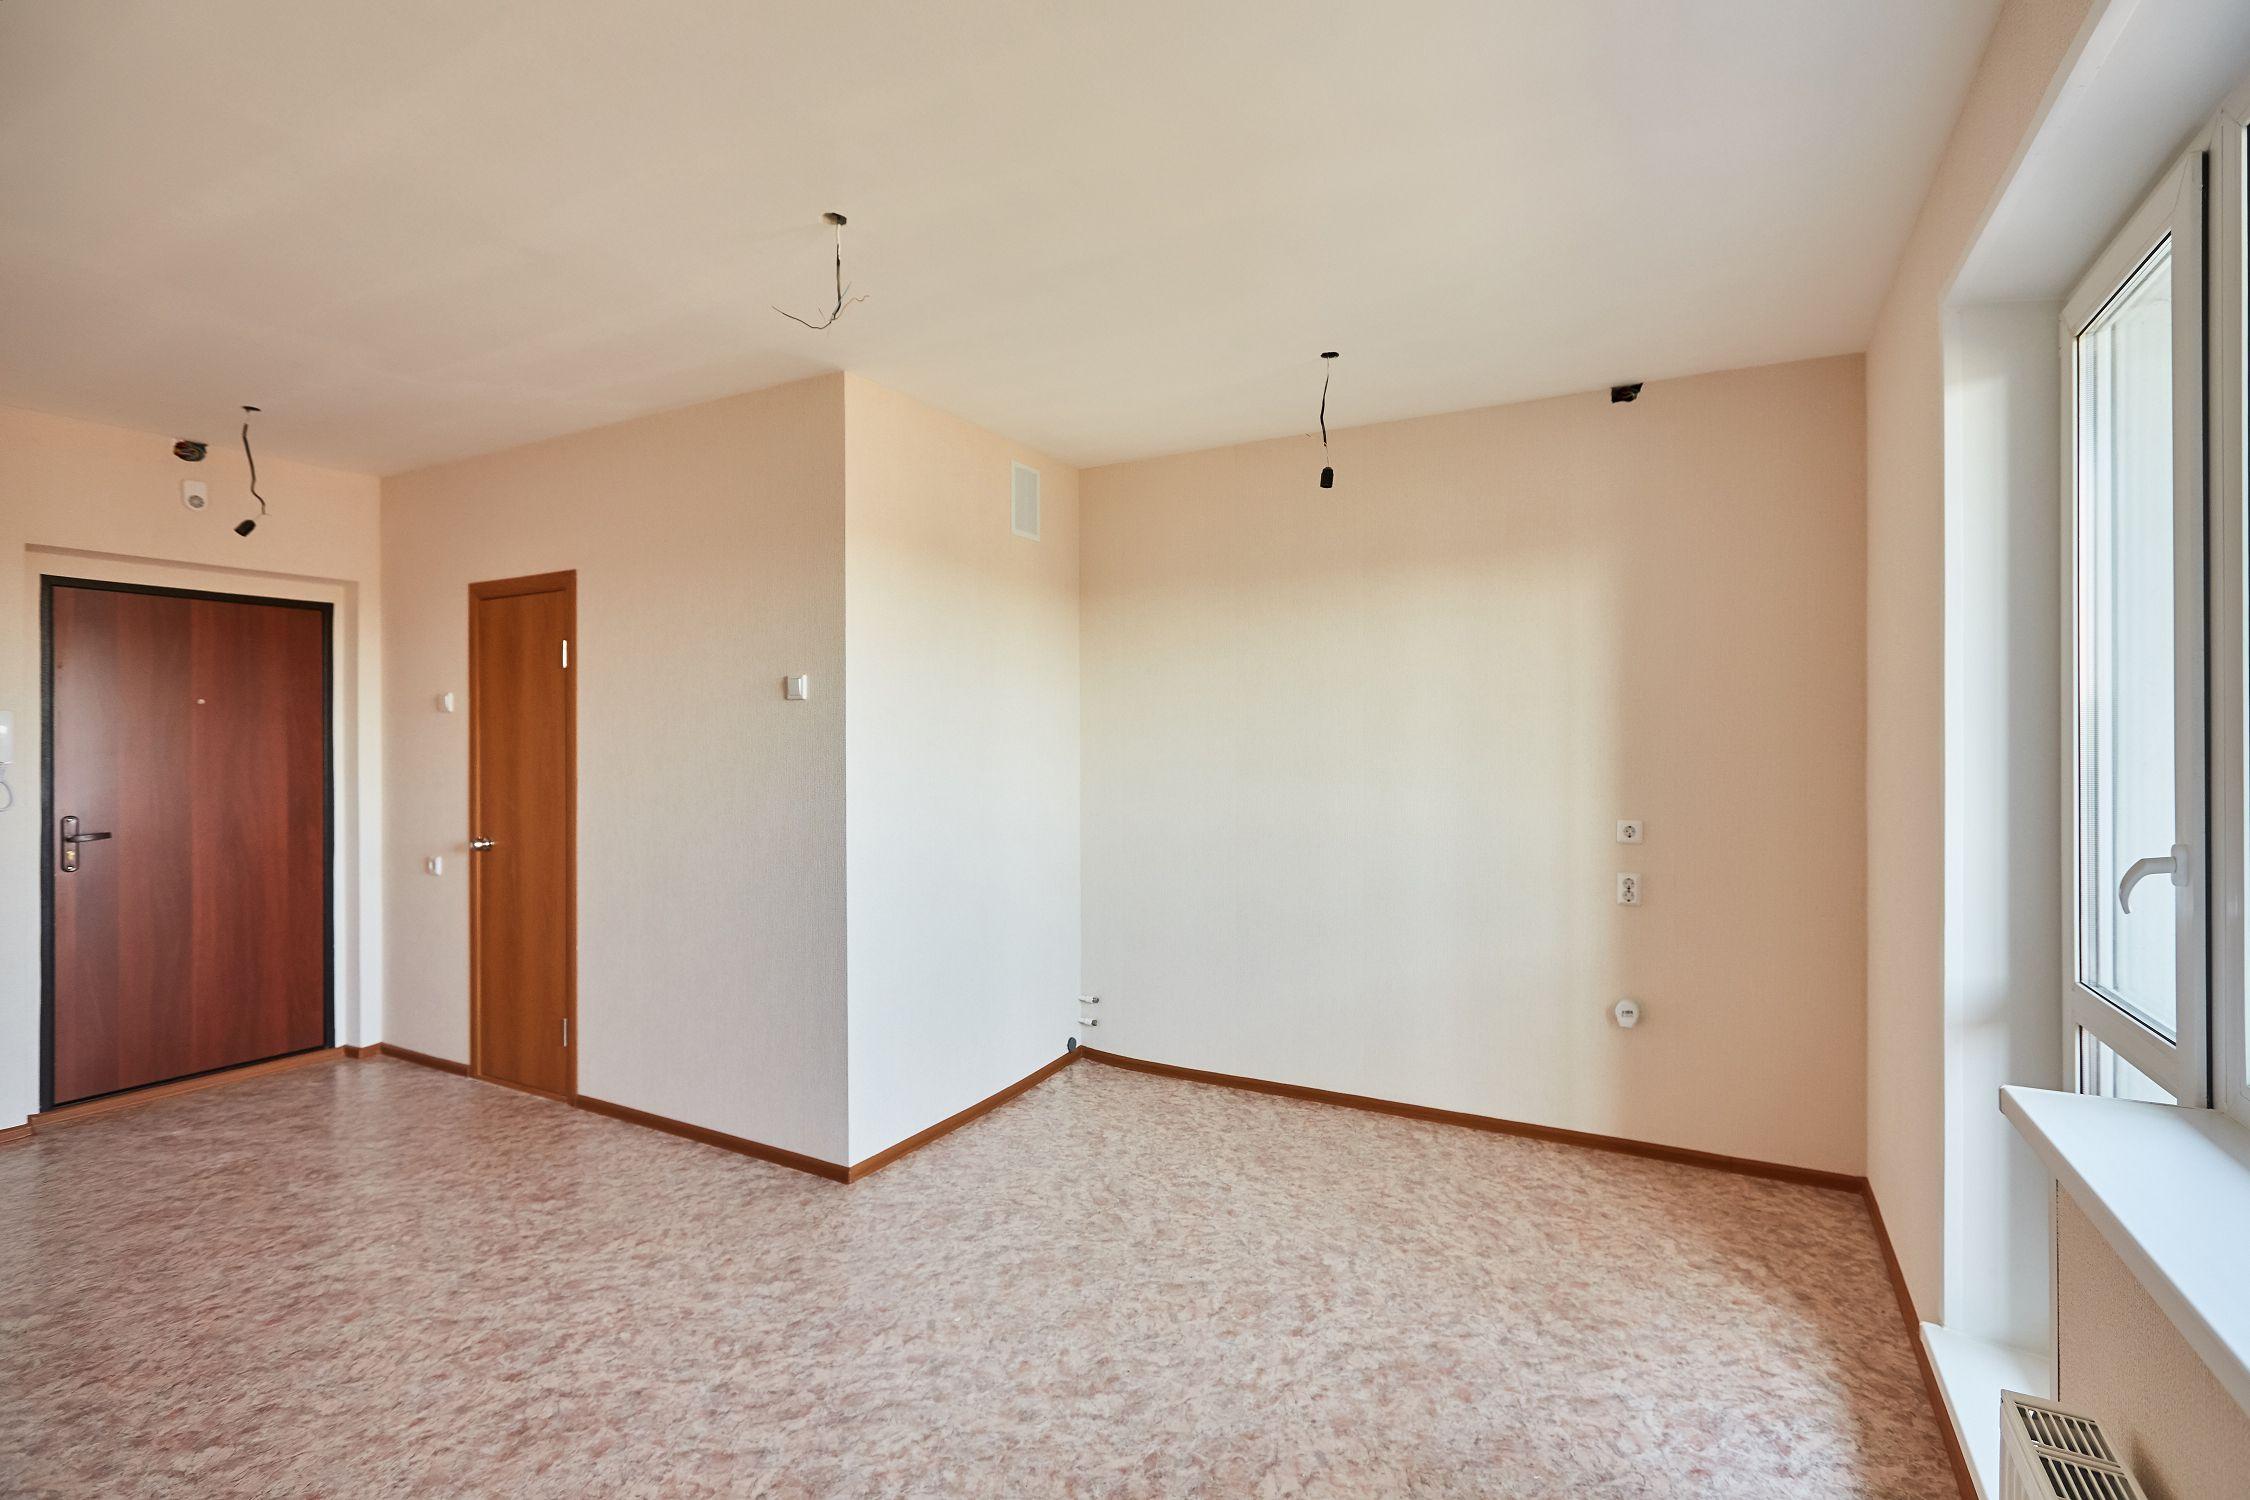 четверик соборного отделка квартиры студии в новостройке фото блистать всей